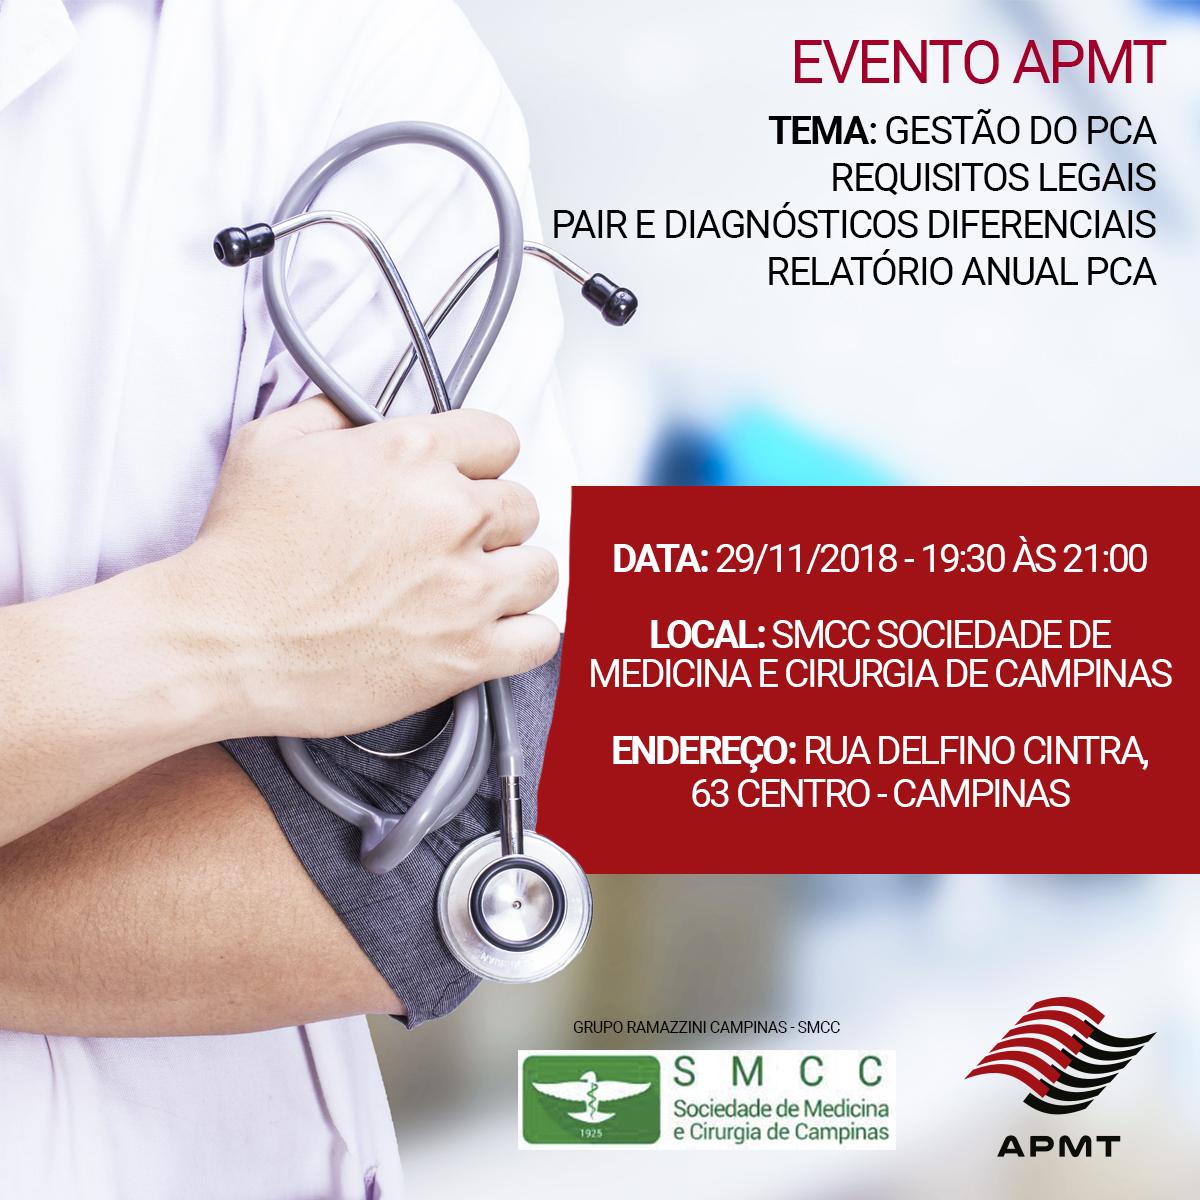 Evento – Sociedade de Medicina e Cirurgia em Campinas